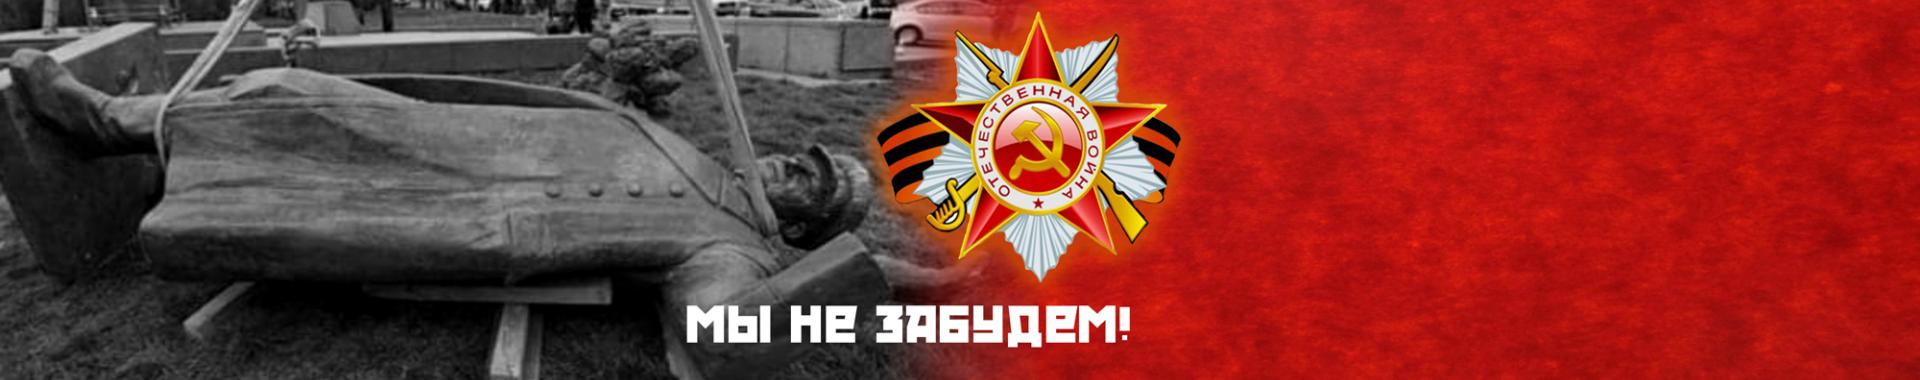 Koněv, odstranění, socha, ksčm, nezapomeneme!